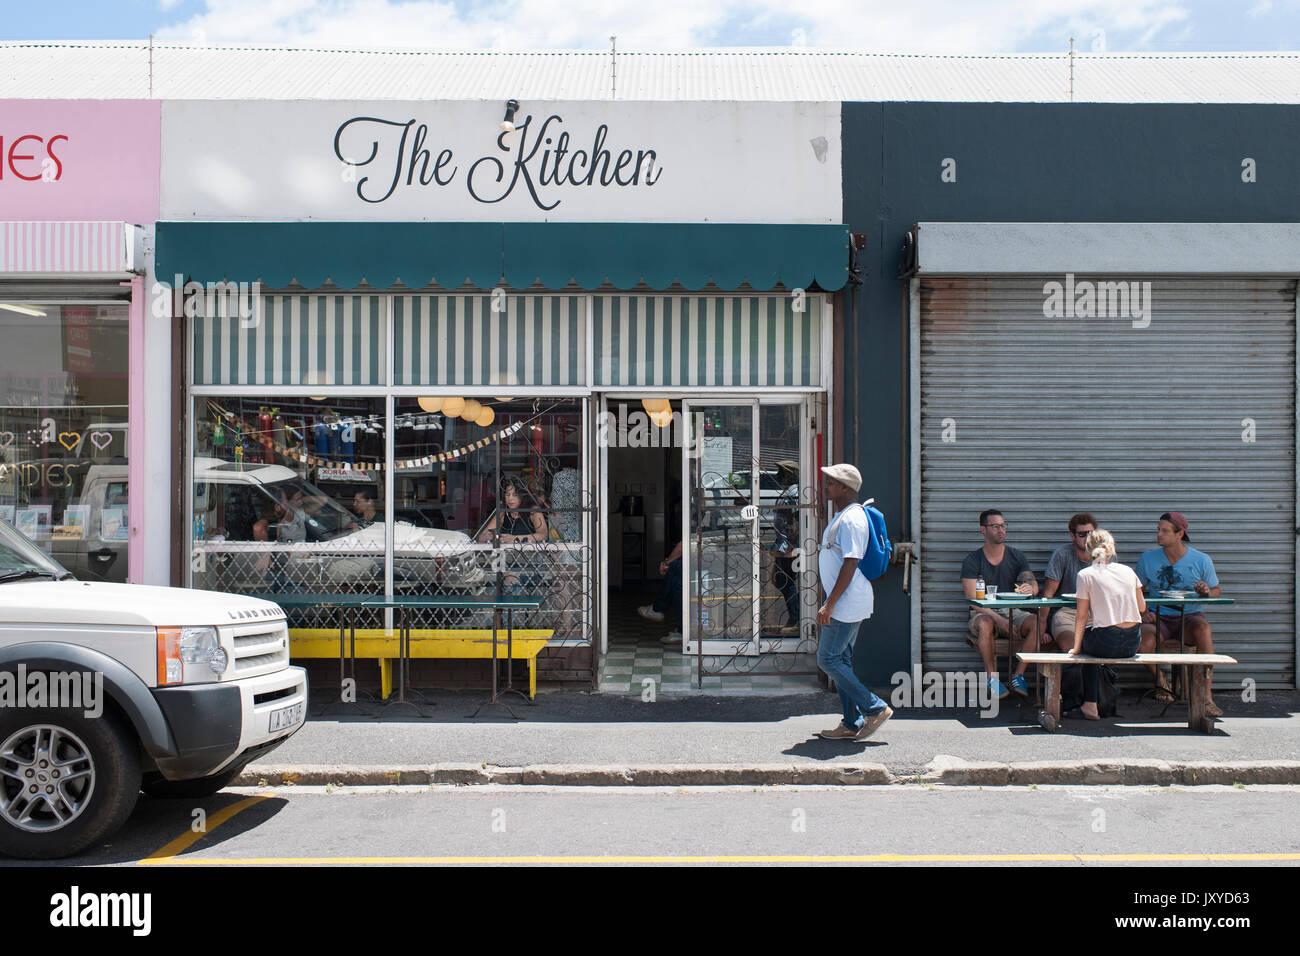 La cocina, con café y comida para llevar en Woodstock, Cape Town. Imagen De Stock